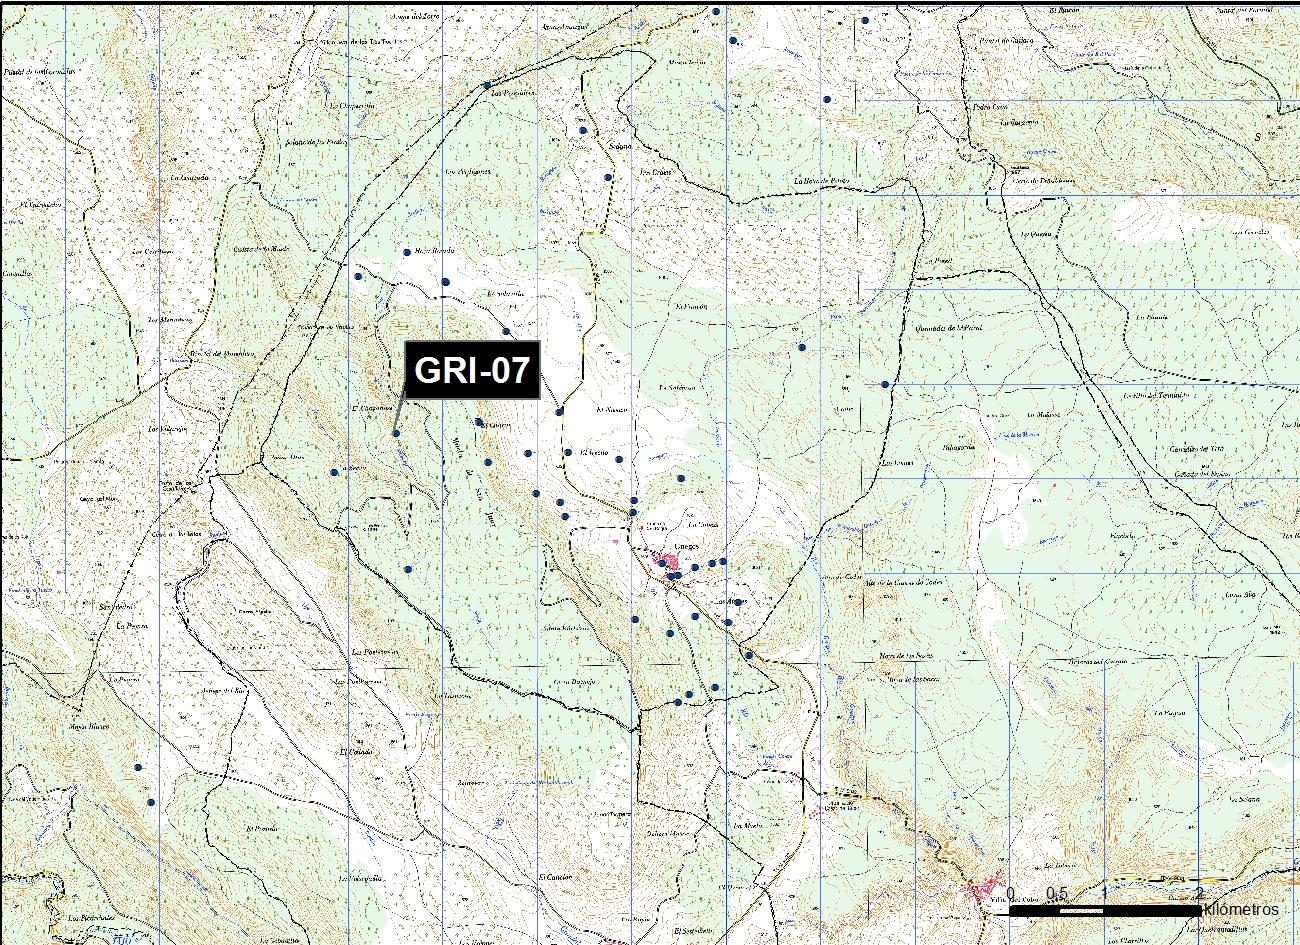 GRI_07_M.V.LOZANO_ZORRA_MAP.TOPO 1